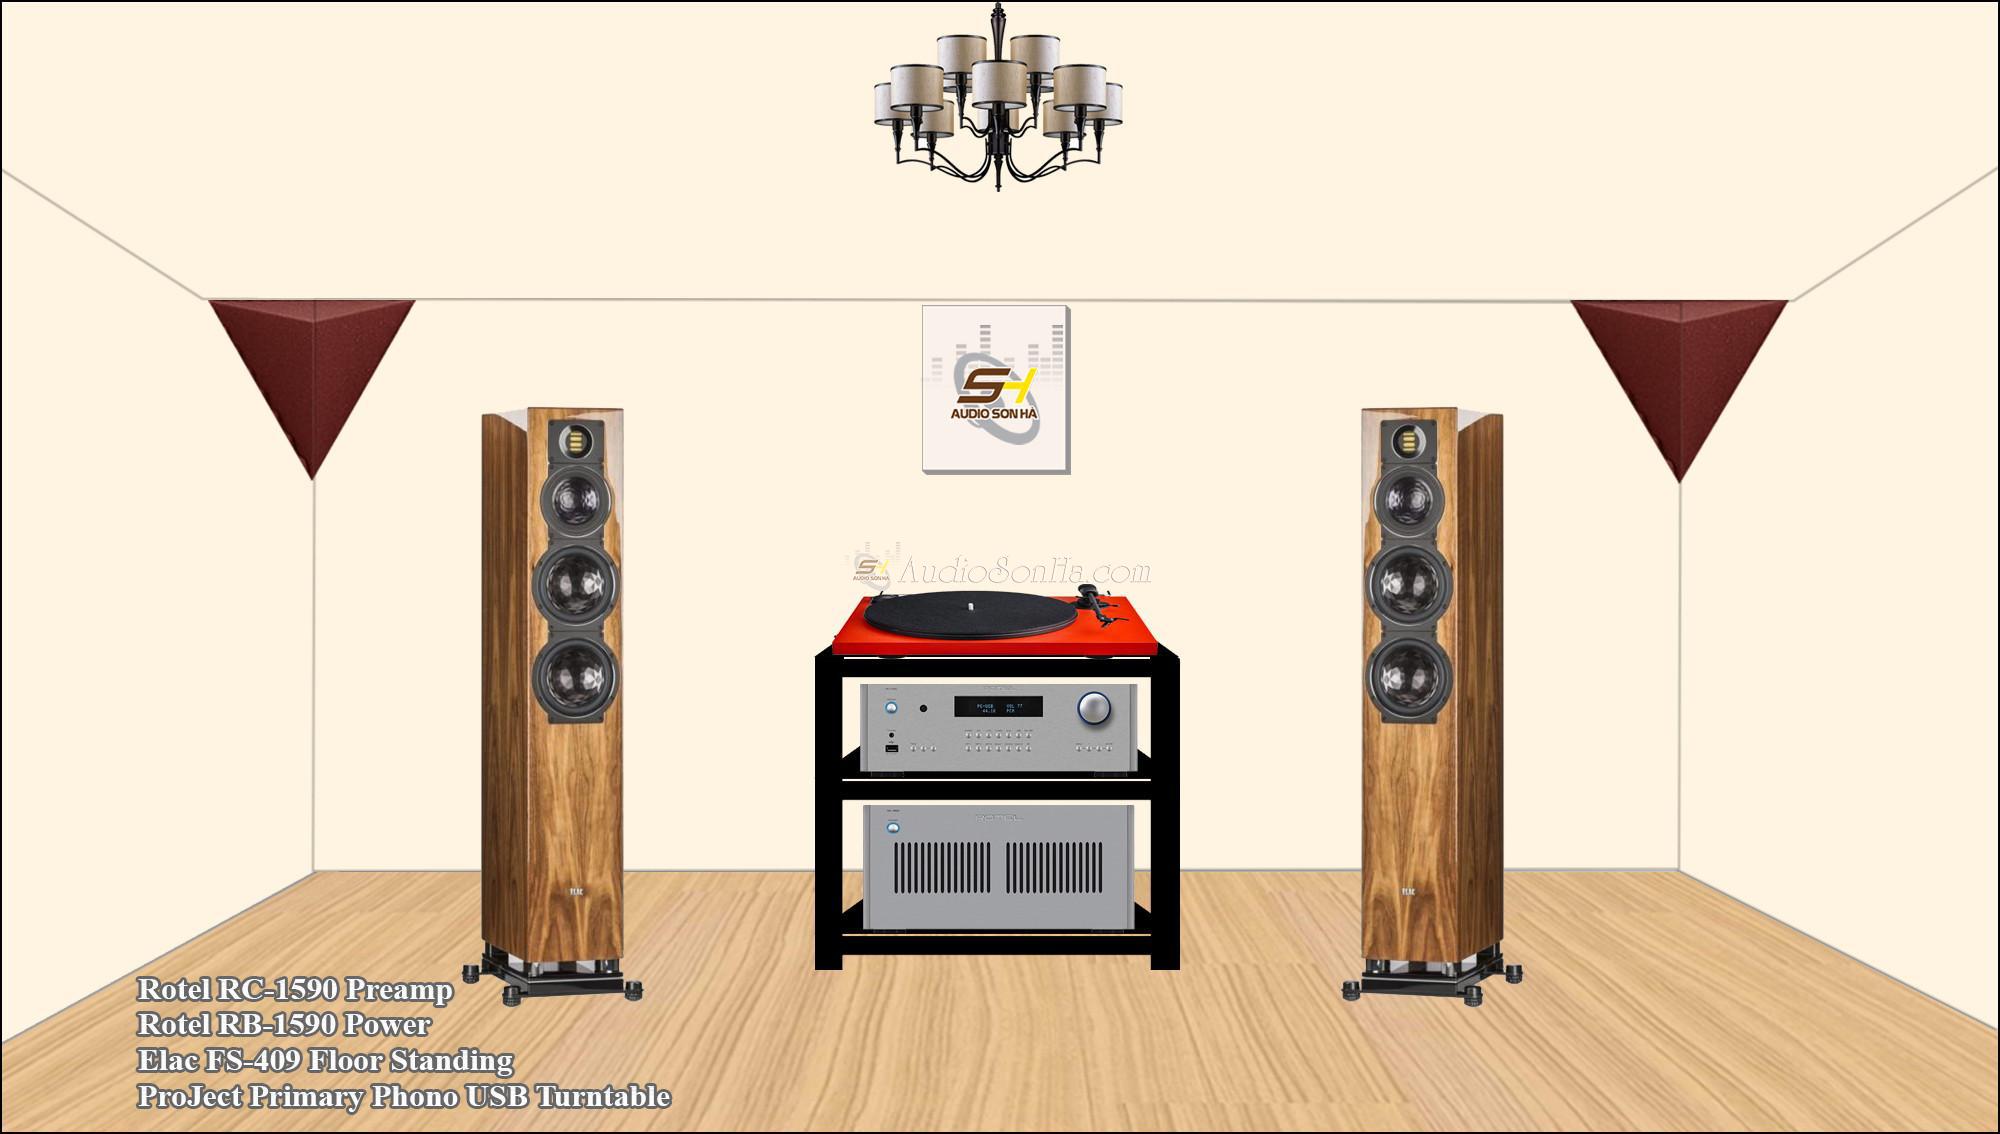 Hệ thống nghe nhạc Elac & Rotel